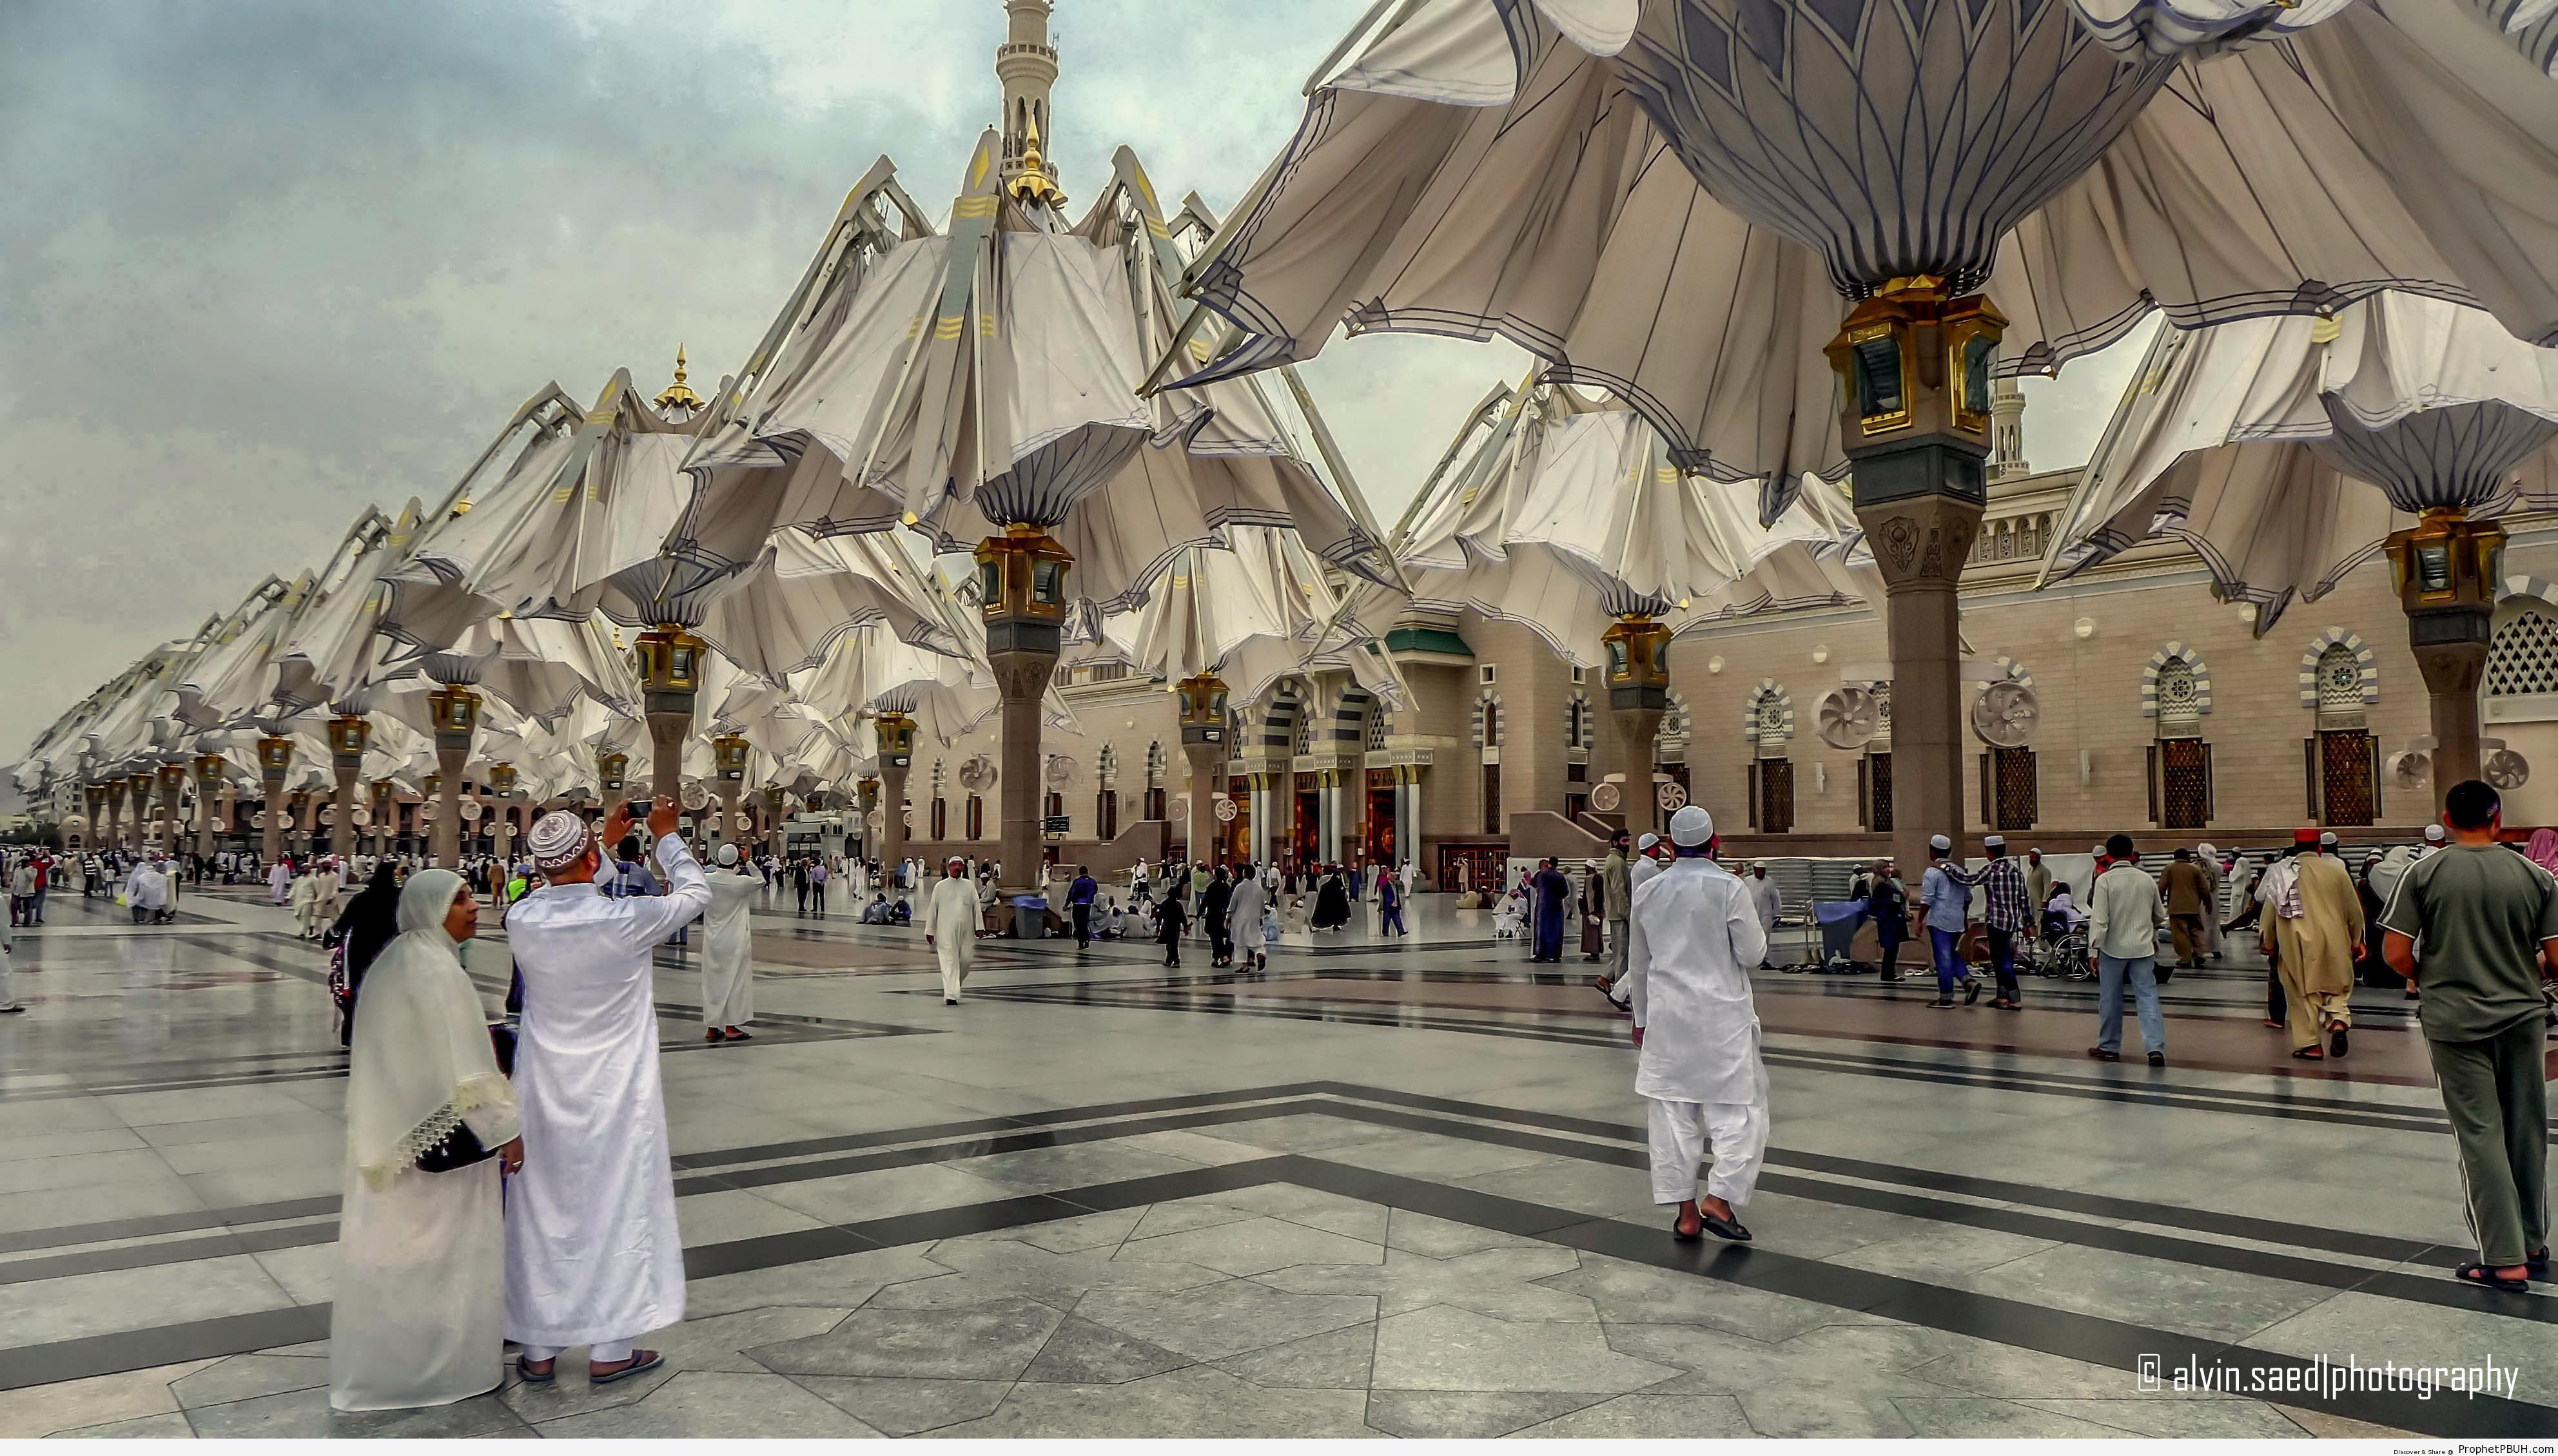 Half-Folded Shade Umbrellas at the Prophet-s Mosque (Madinah, Saudi Arabia) - Al-Masjid an-Nabawi (The Prophets Mosque) in Madinah, Saudi Arabia -Picture